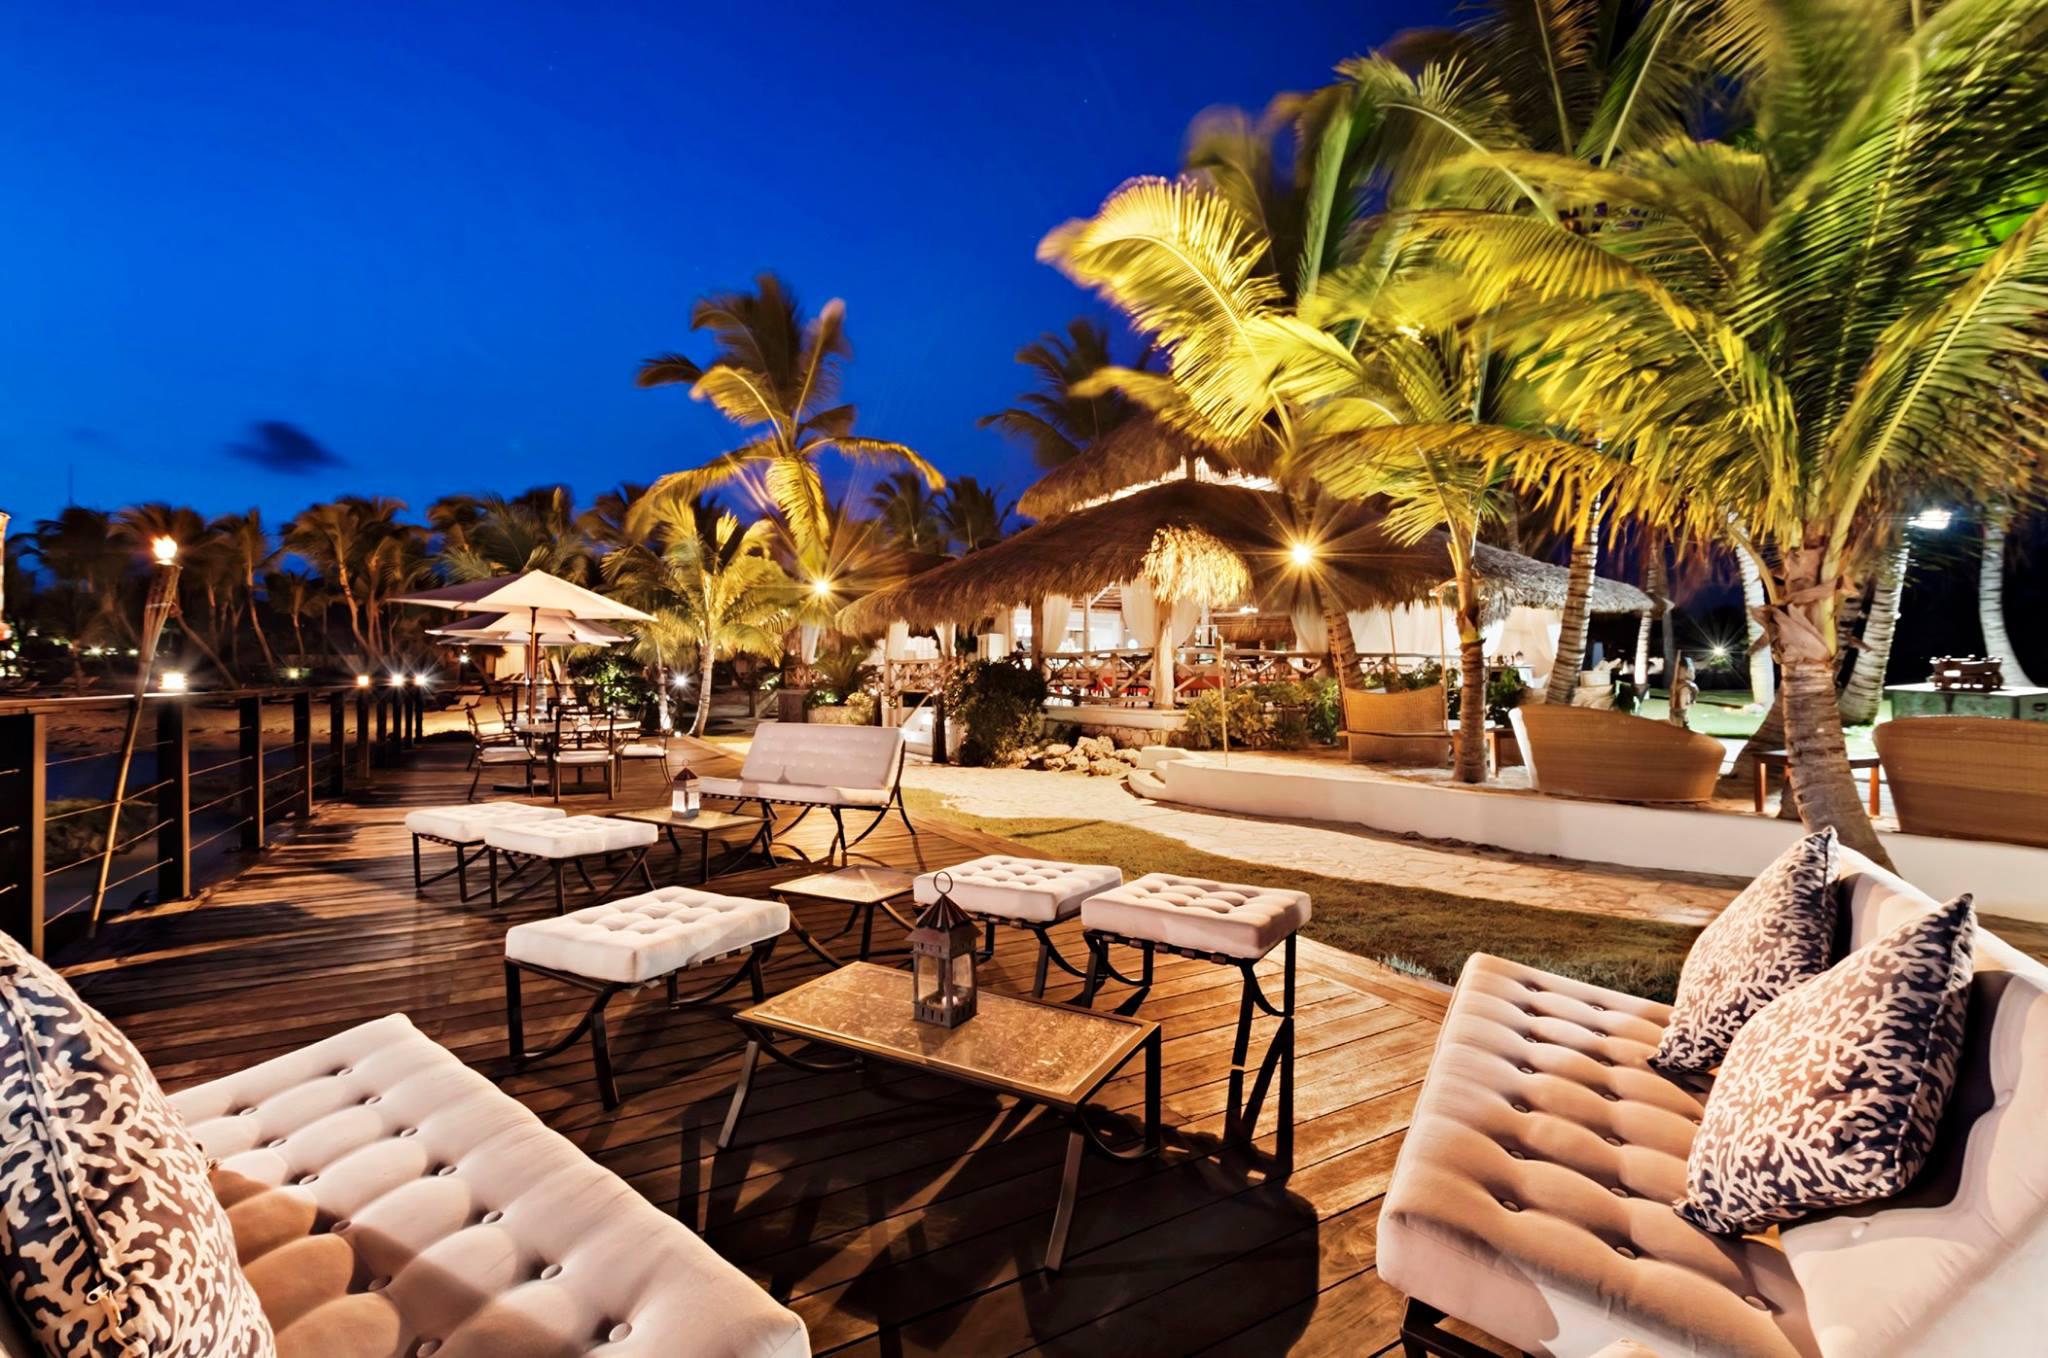 restaurants in punta cana, best restaurants in punta cana, punta cana food, where to eat in punta cana, la palapa